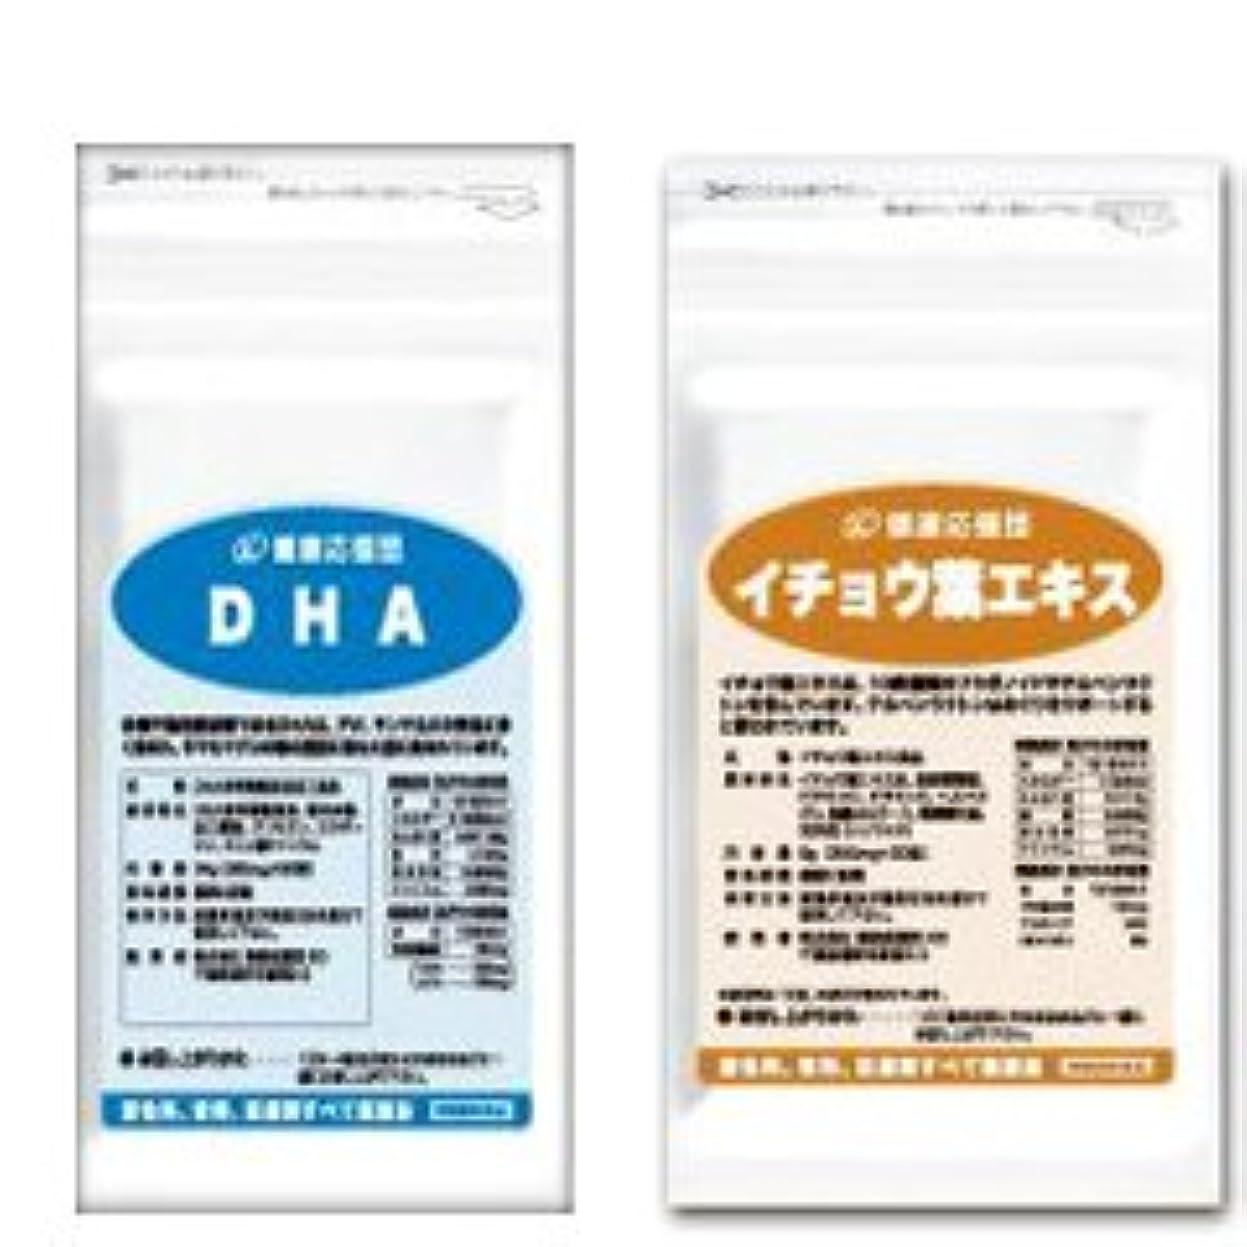 親指遠近法すでに(お徳用3か月分)サラサラ巡りセット DHA + イチョウ葉エキス 3袋&3袋セット(DHA?EPA?イチョウ葉?ビタミンC?ビタミンE?ビタミンP配合)